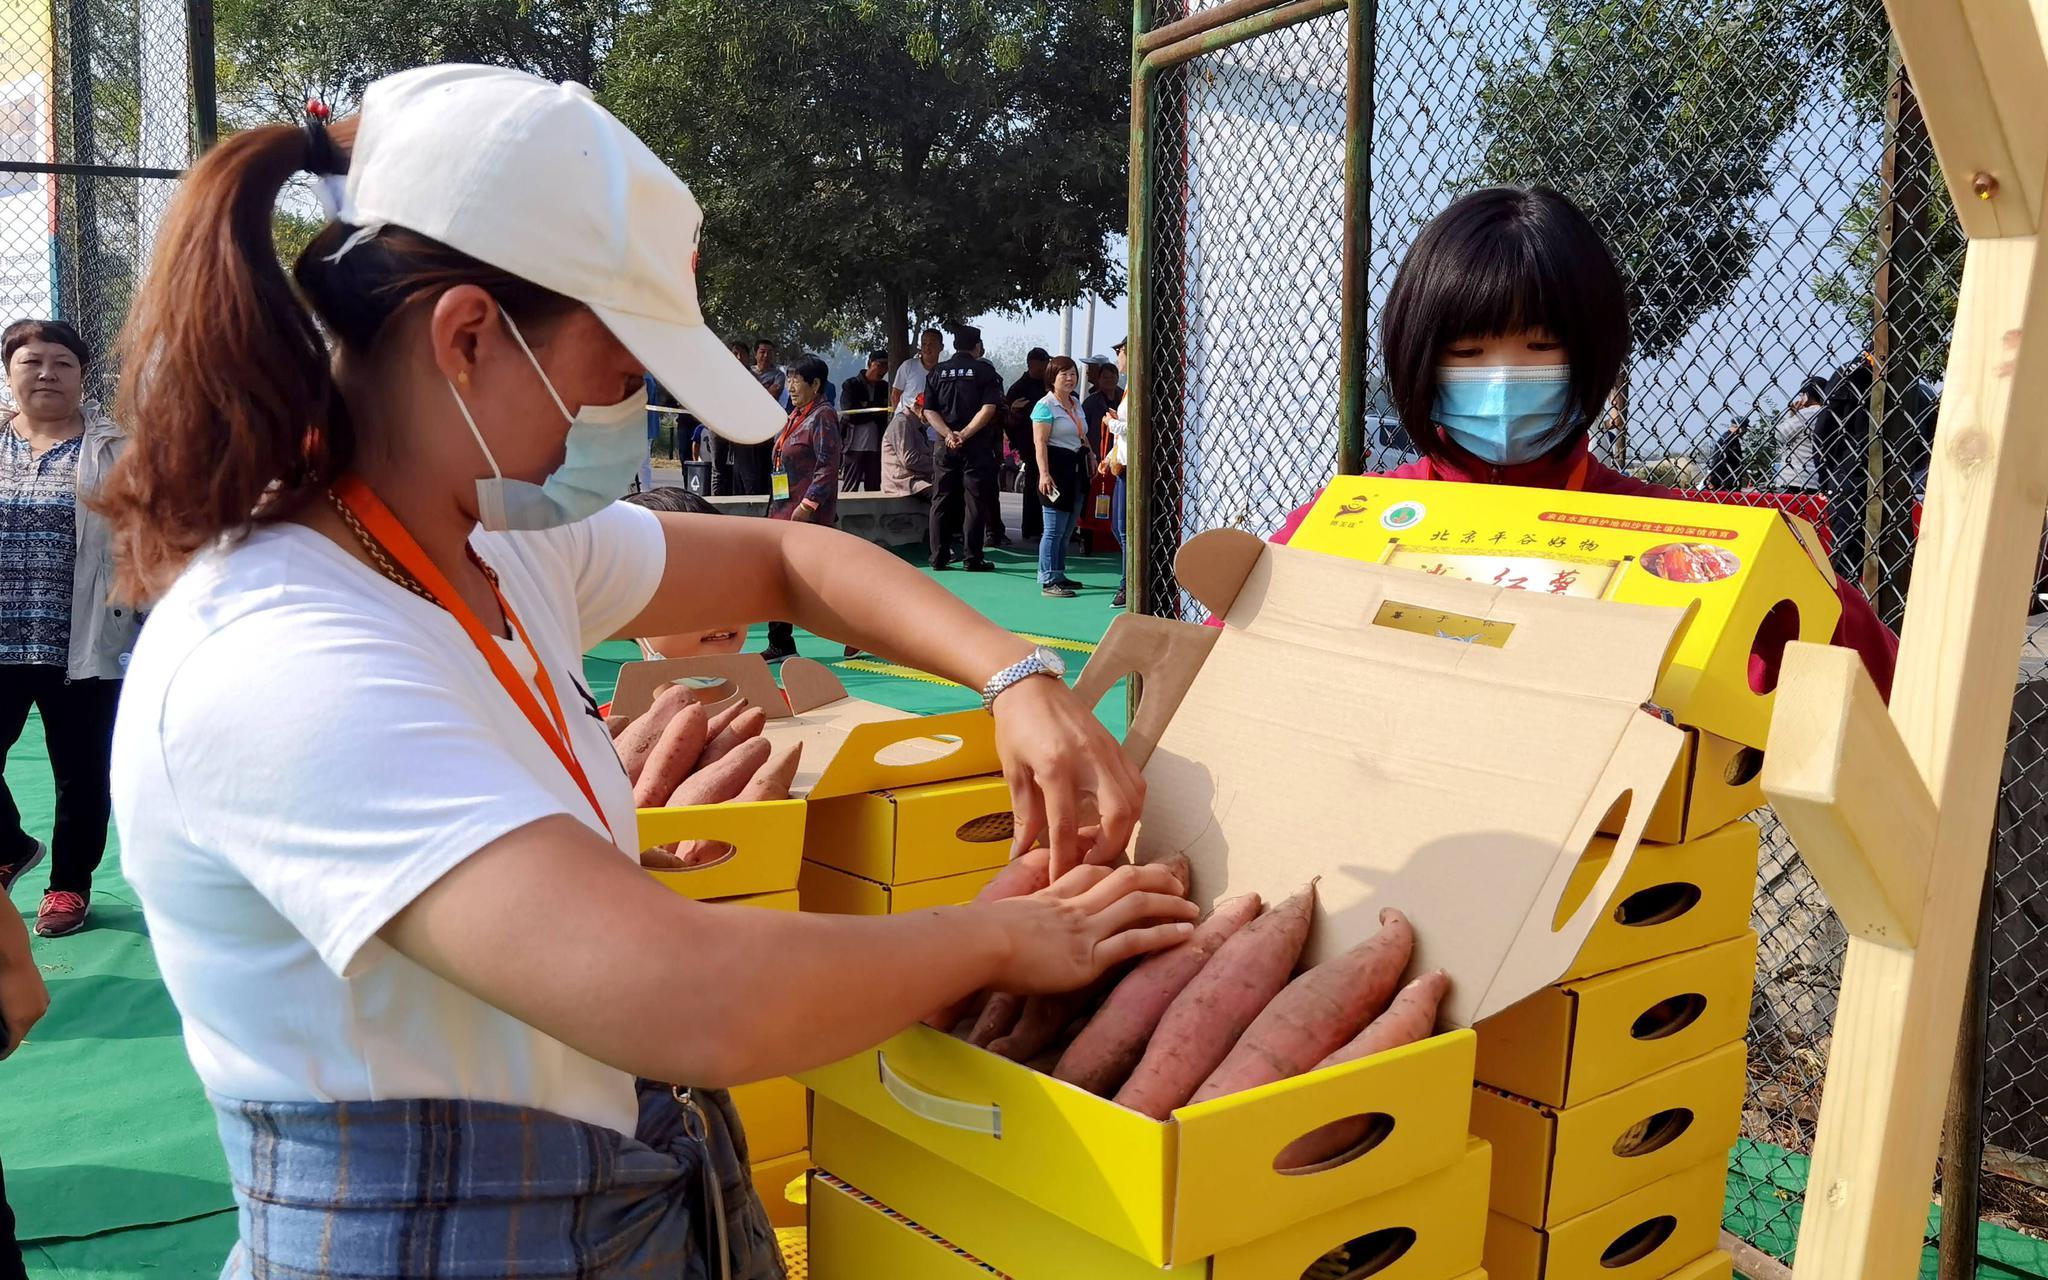 夏各庄镇第二届红薯文化节开幕 老手艺人现场展示传统技艺图片